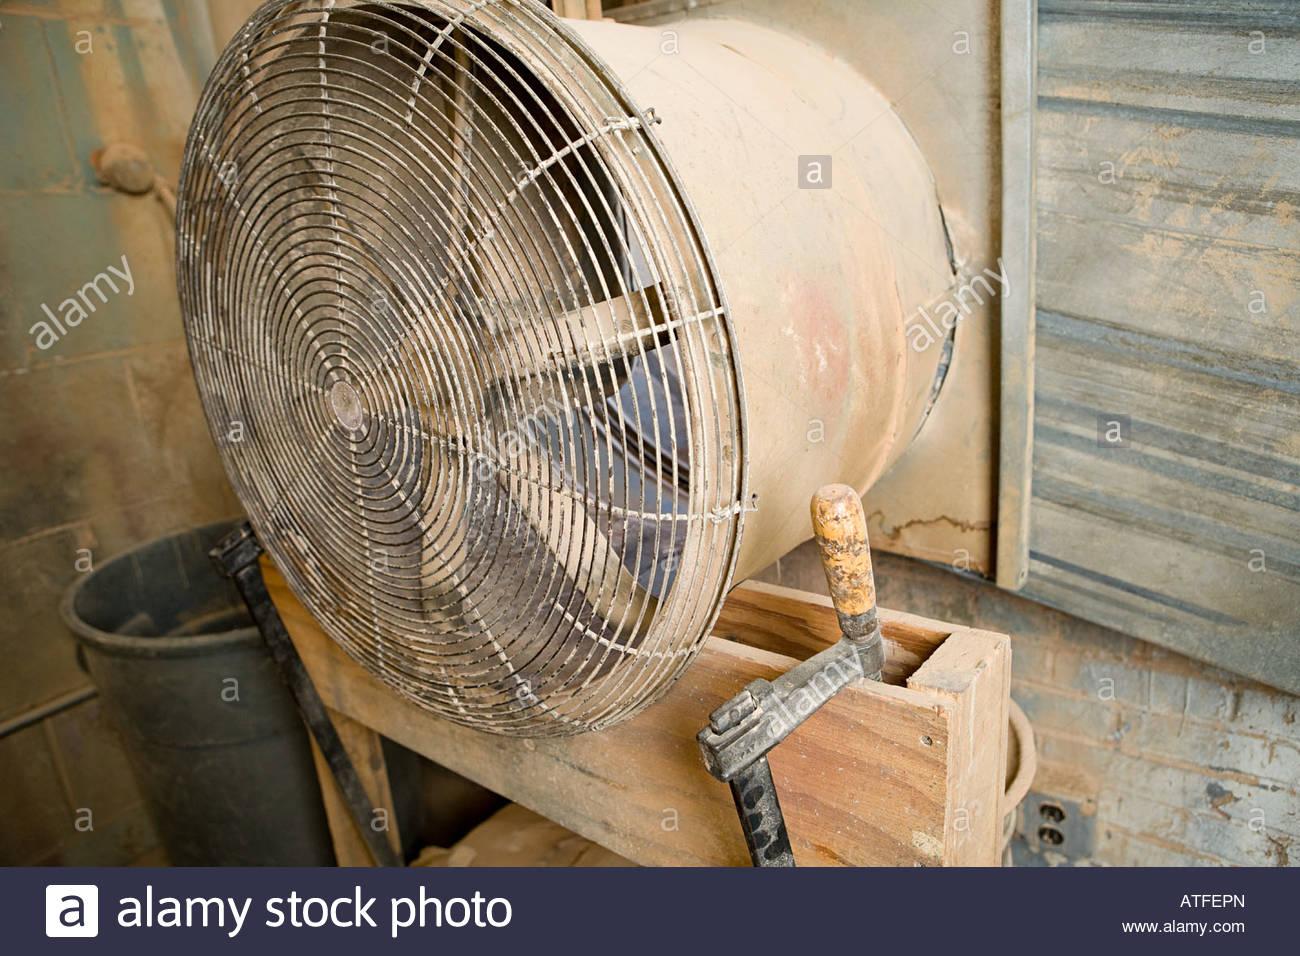 Large dusty fan - Stock Image